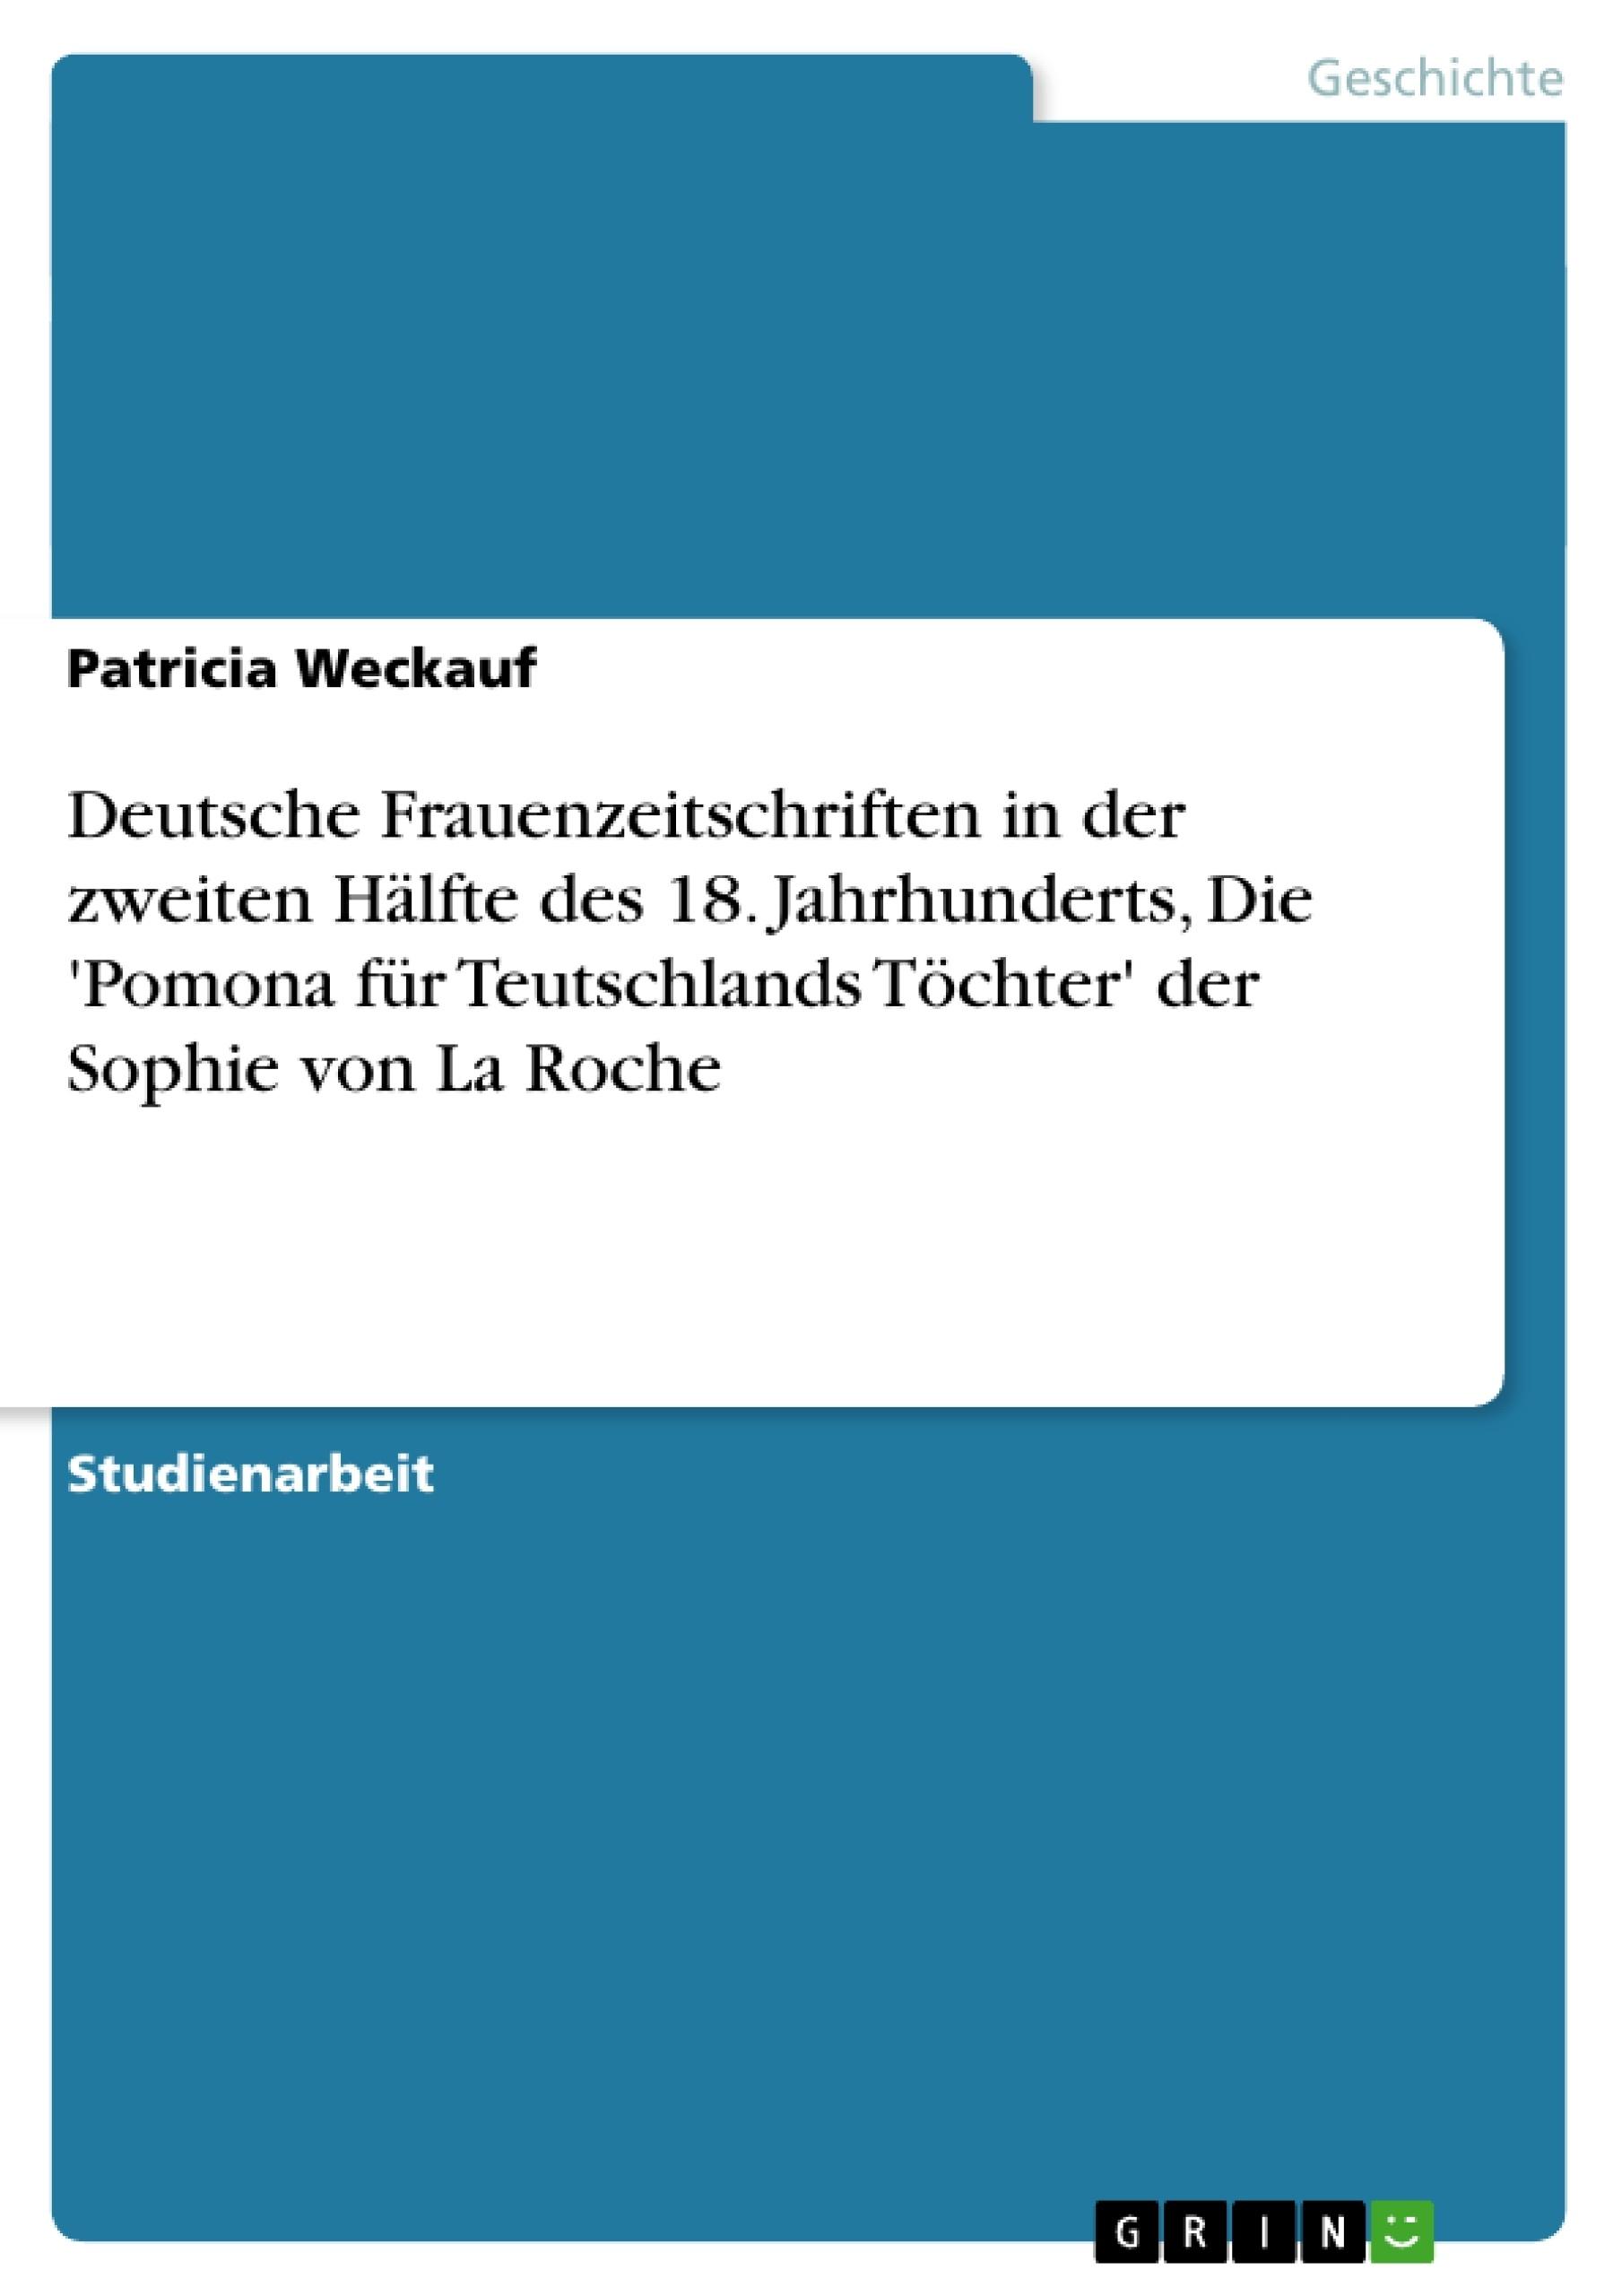 Titel: Deutsche Frauenzeitschriften in der zweiten Hälfte des 18. Jahrhunderts, Die 'Pomona für Teutschlands Töchter' der Sophie von La Roche